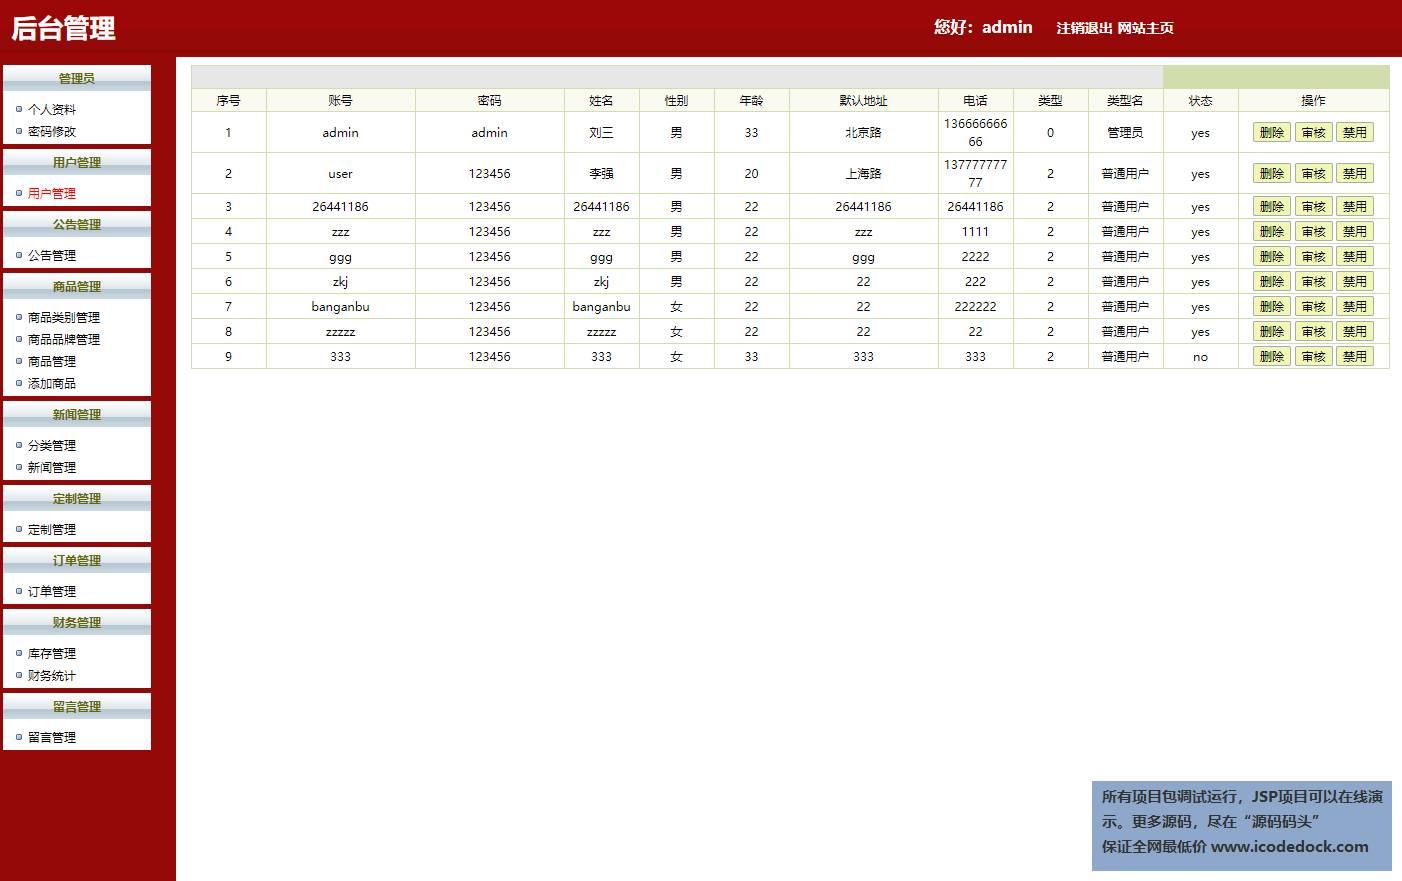 源码码头-SSH实现的女装女鞋服装商城网站项目-管理员角色-用户管理